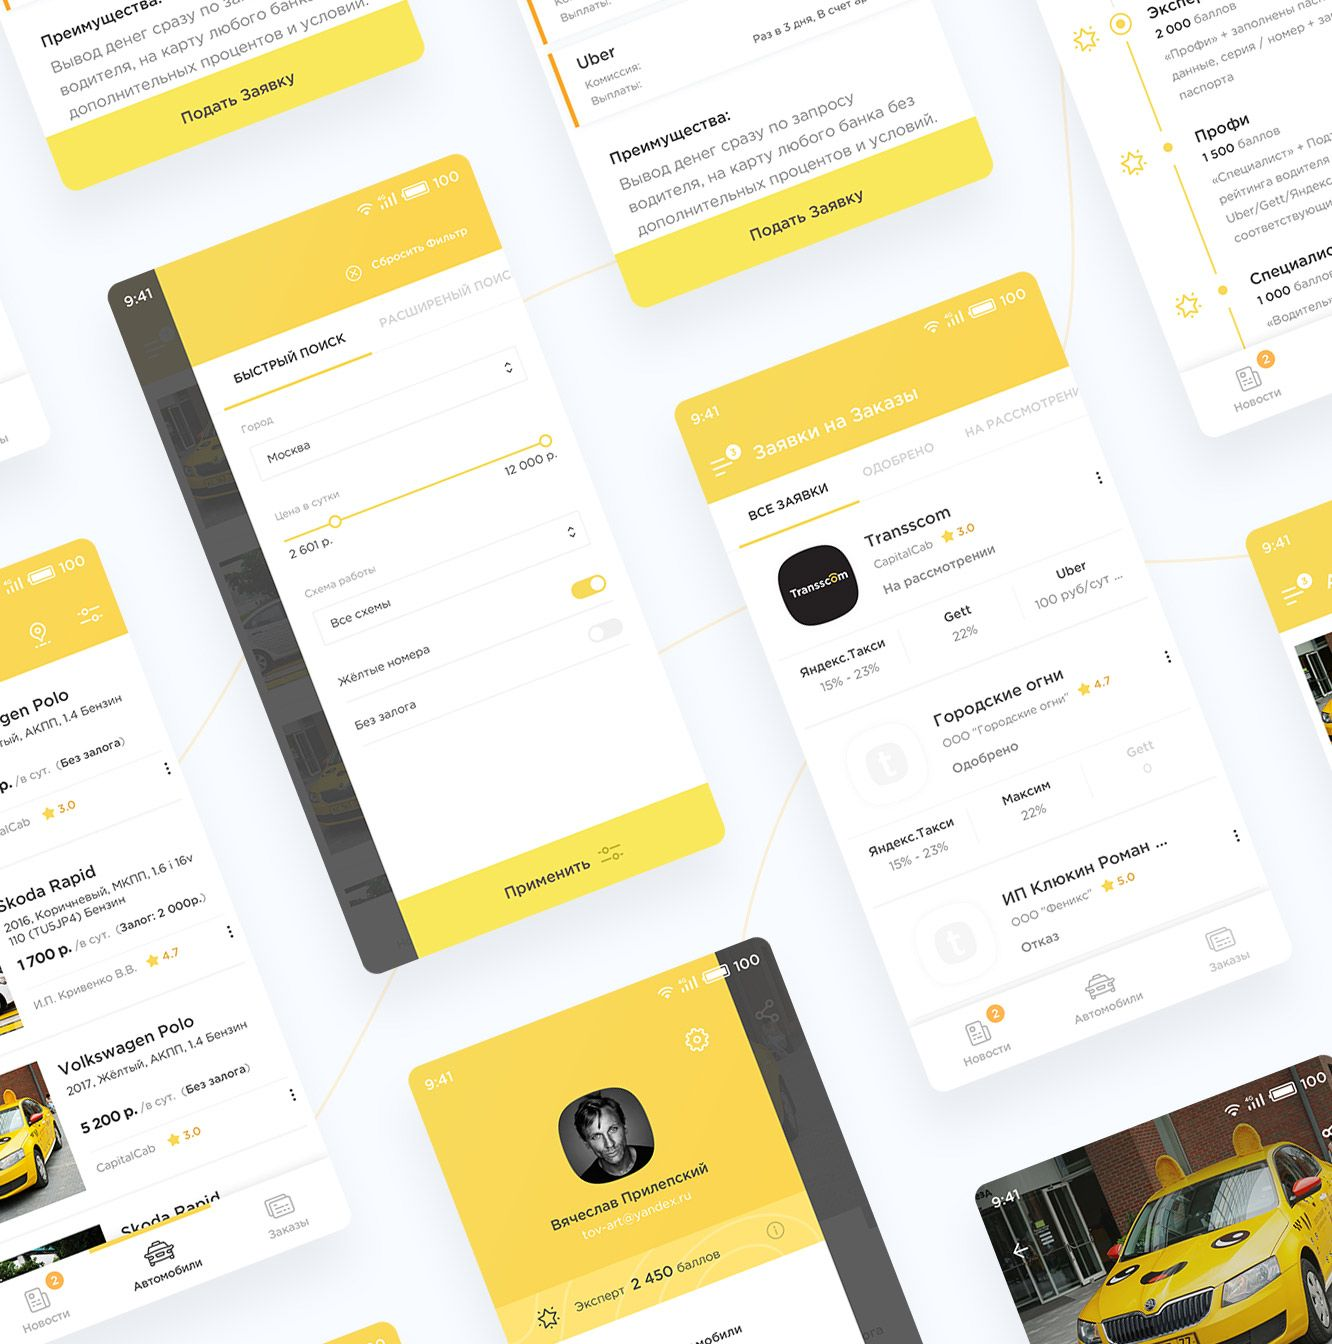 Разработка дизайна мобильного приложения - дизайнер slavikx3m